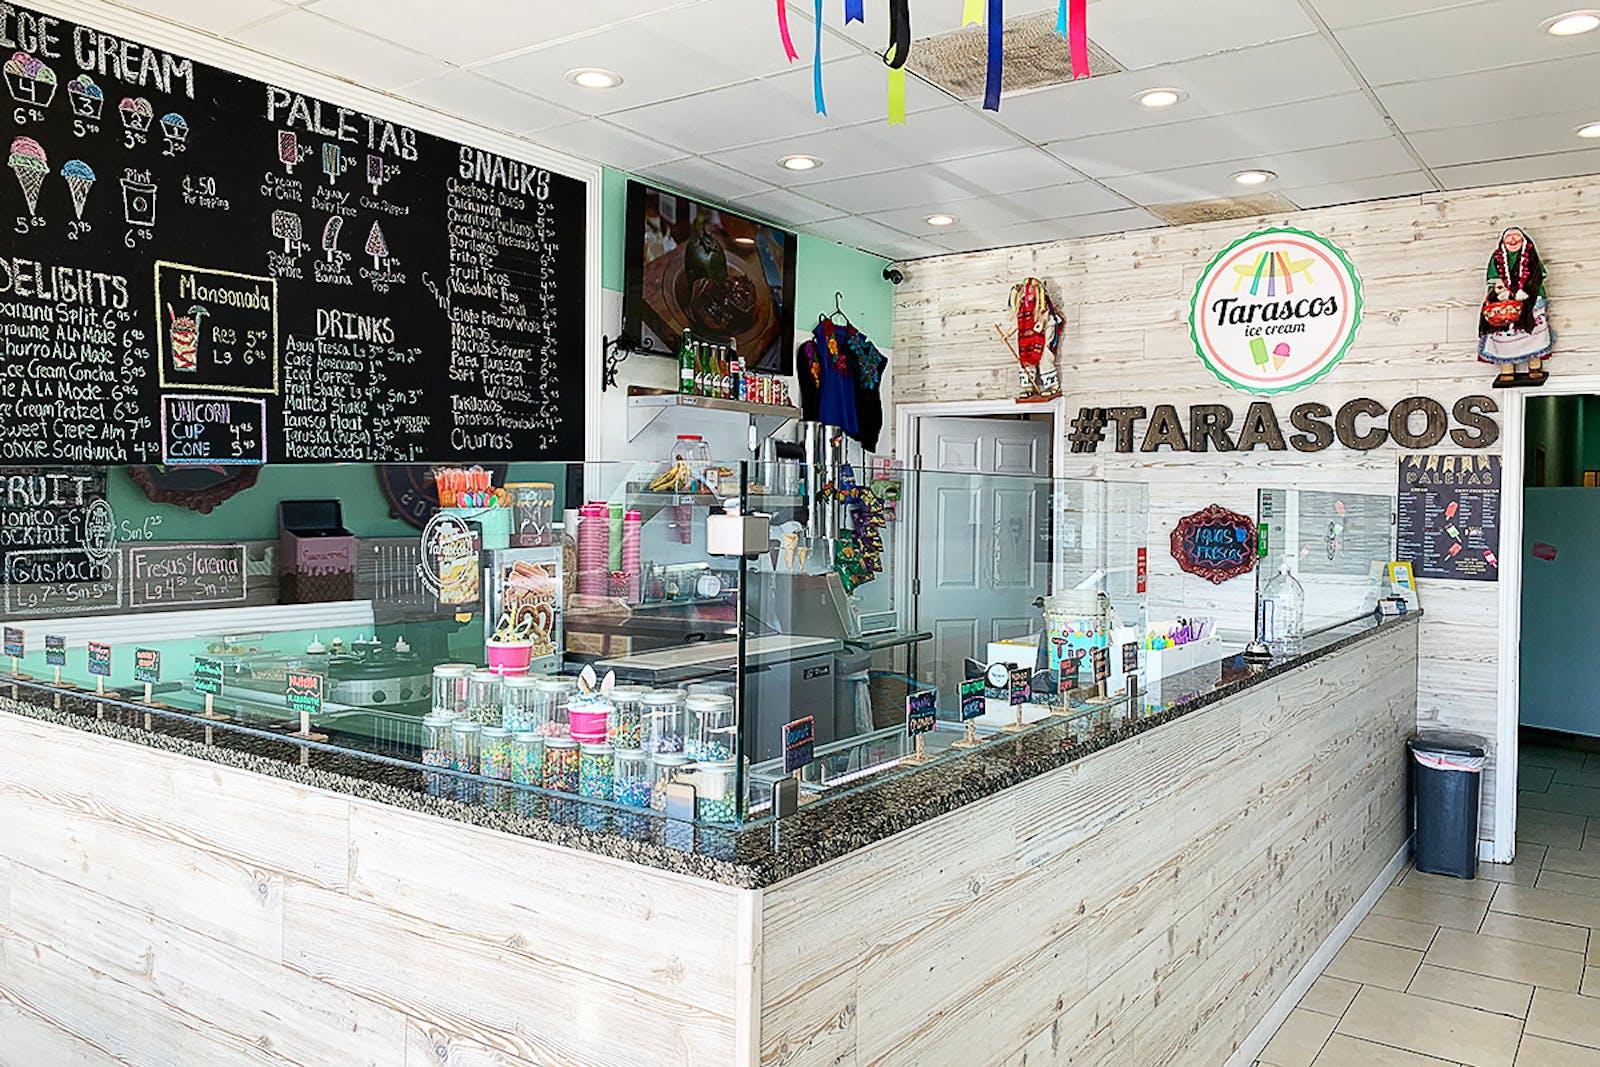 Weekly-Taco-Tarascos-interior